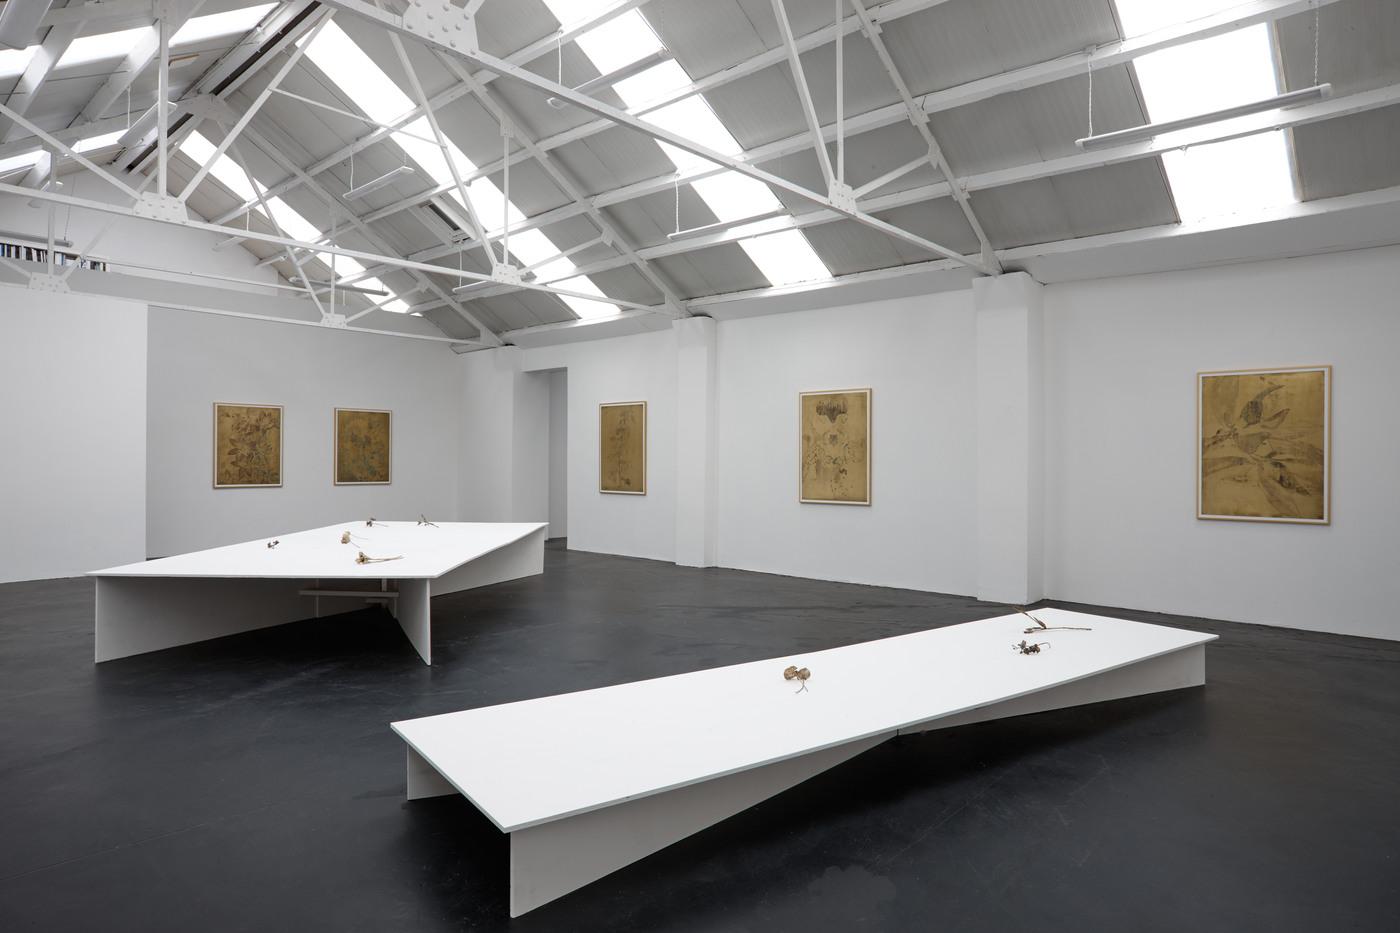 Ross Iannatti - Oro Valley - Installation View III